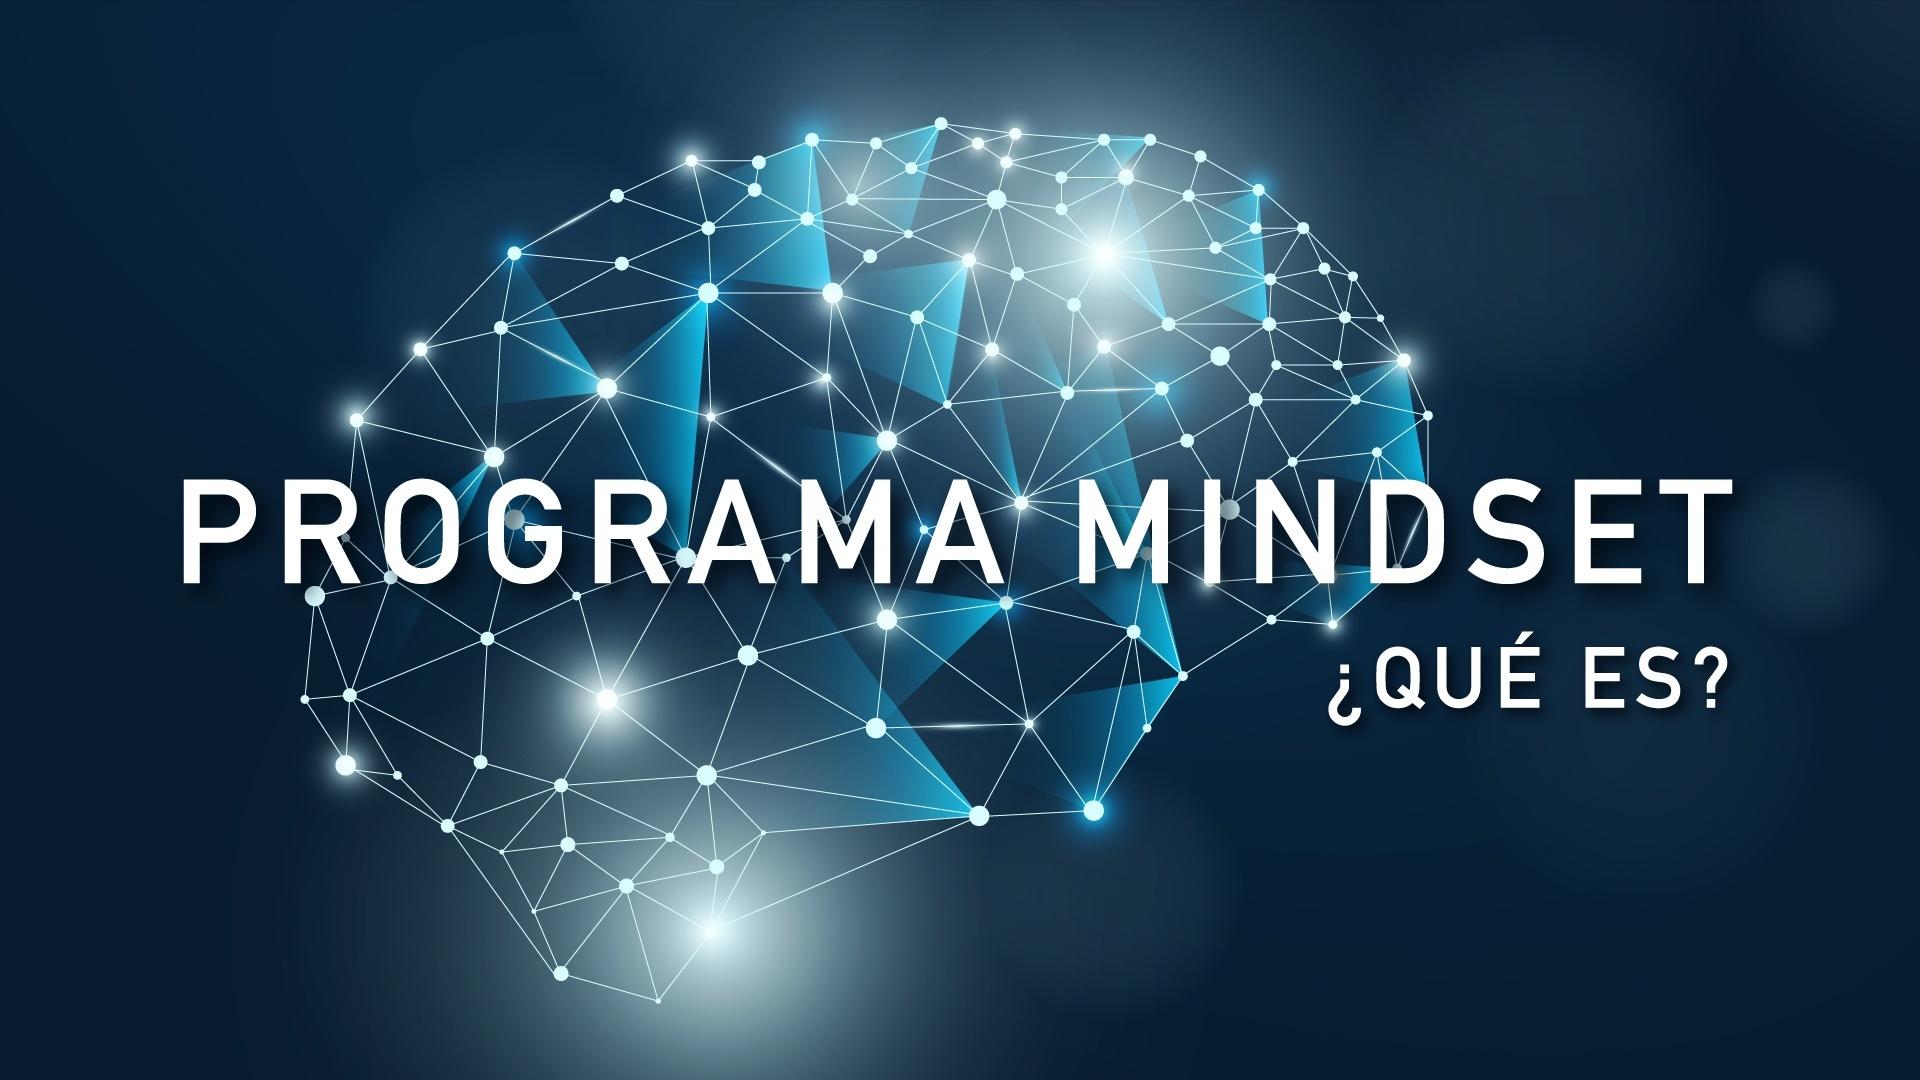 programa mindset reprograma doce nuevas creencias mentorias método pdt el presupuesto del tiempo bolívar mendieta